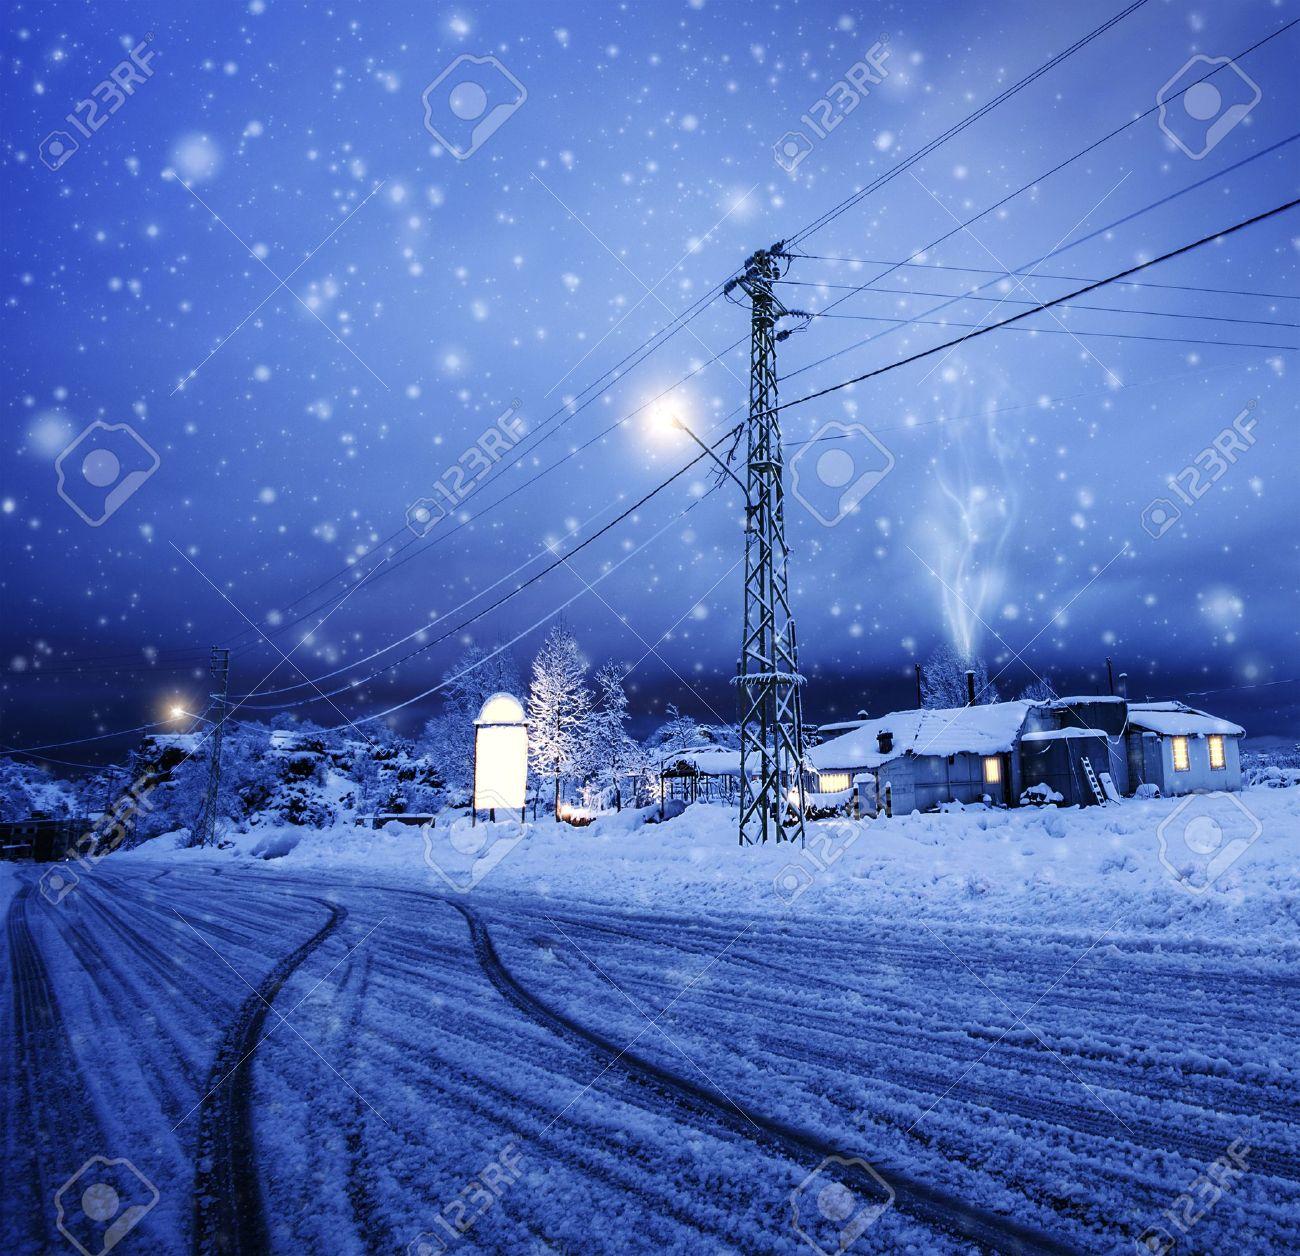 Photo De Tempete De Neige Dans Le Village La Neige Qui Tombe Sur La Maison Paysage Hiver Nuit Carte De Voeux De Noel Vacances D Hiver Station De